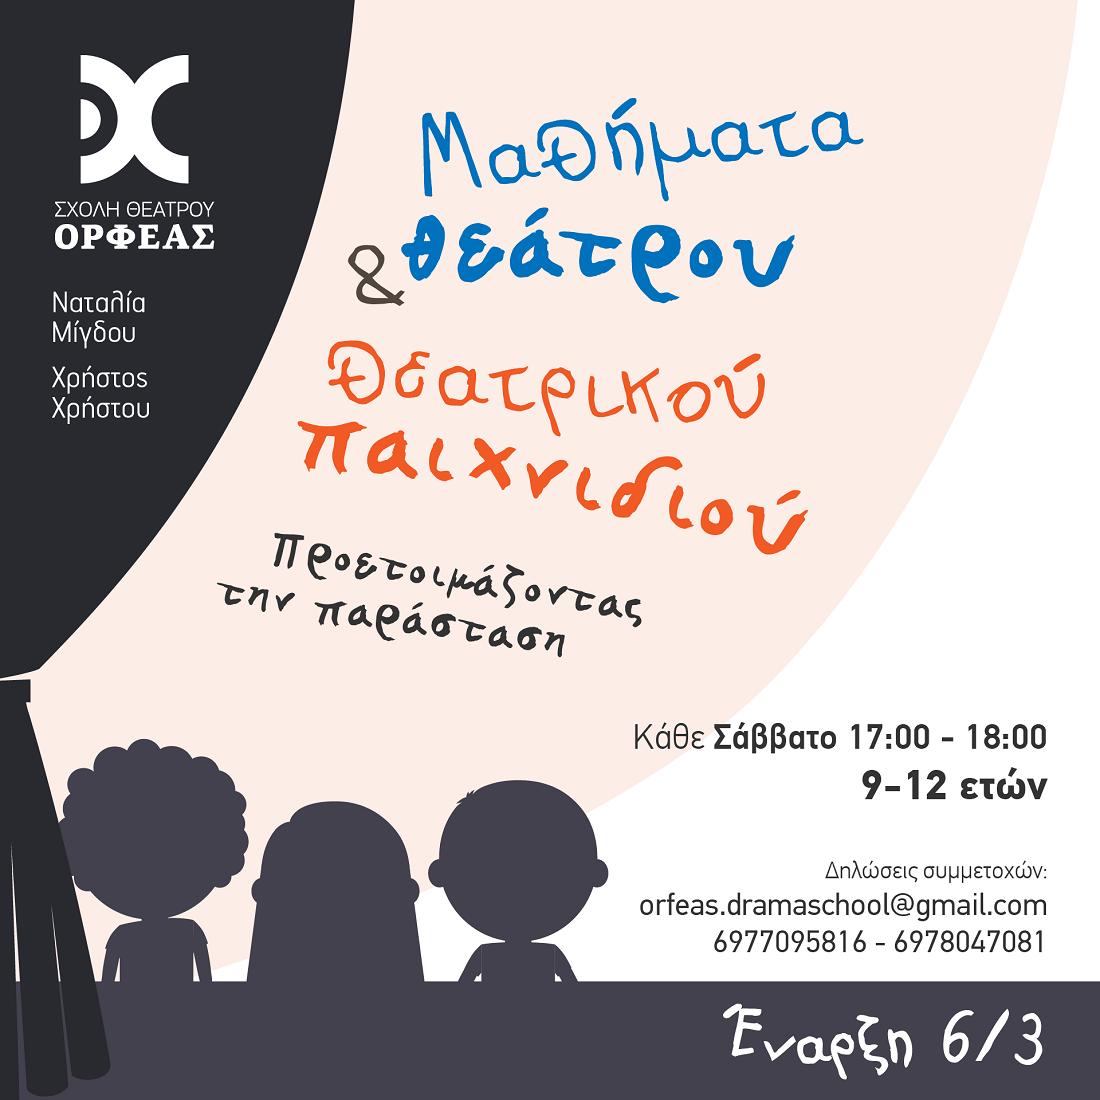 Διαδικτυακό τμήμα θεάτρου και θεατρικού παιχνιδιού από τη Σχολή «Ορφέας»